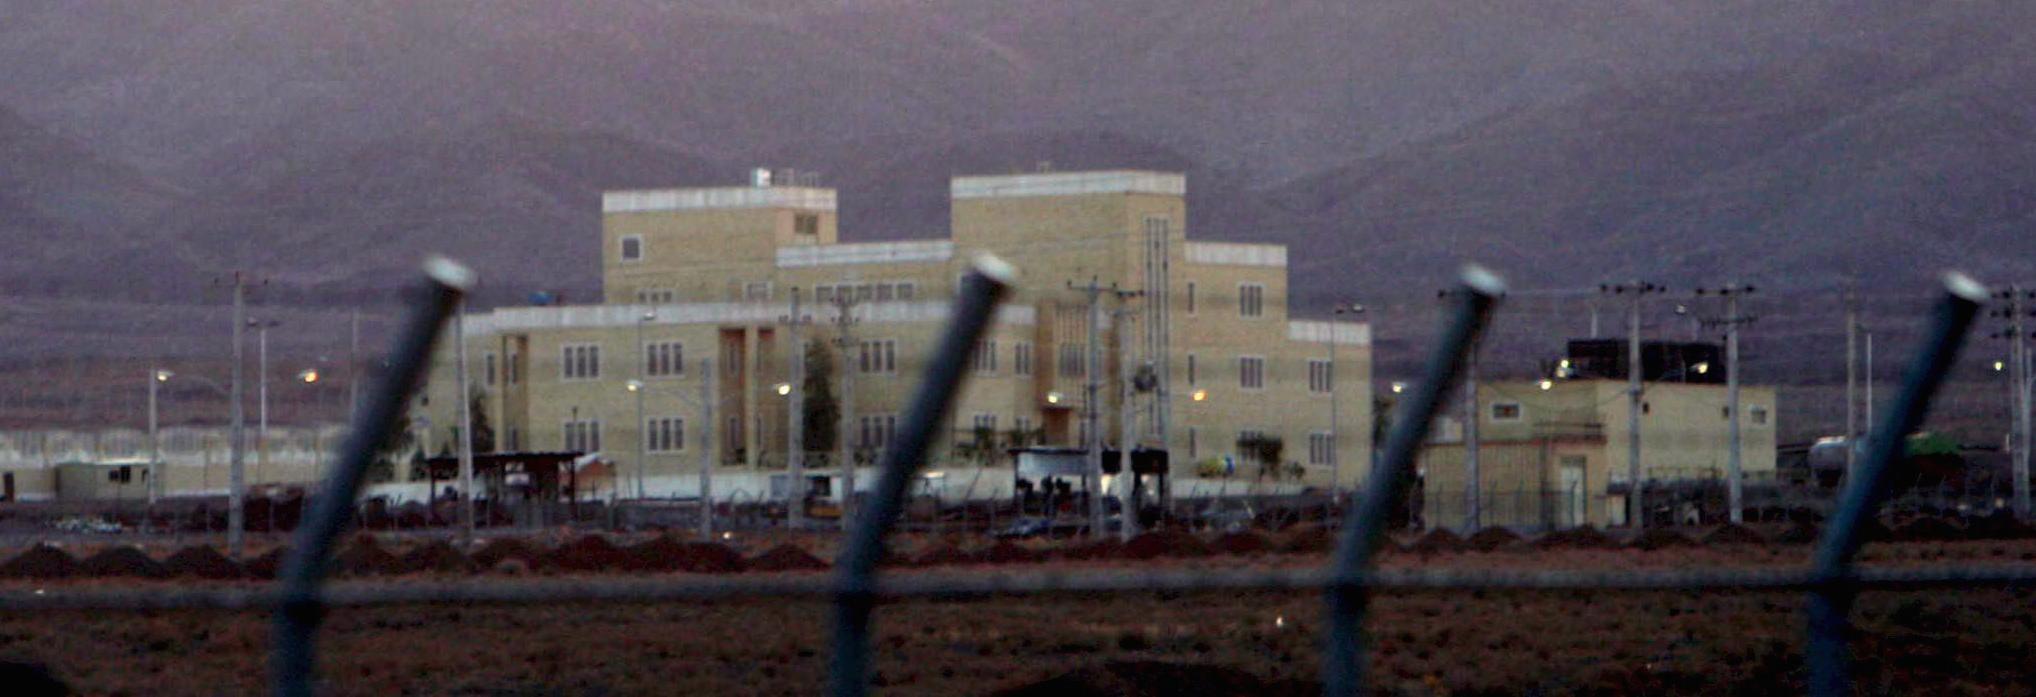 L'impianto nucleare iraniano di Natanz